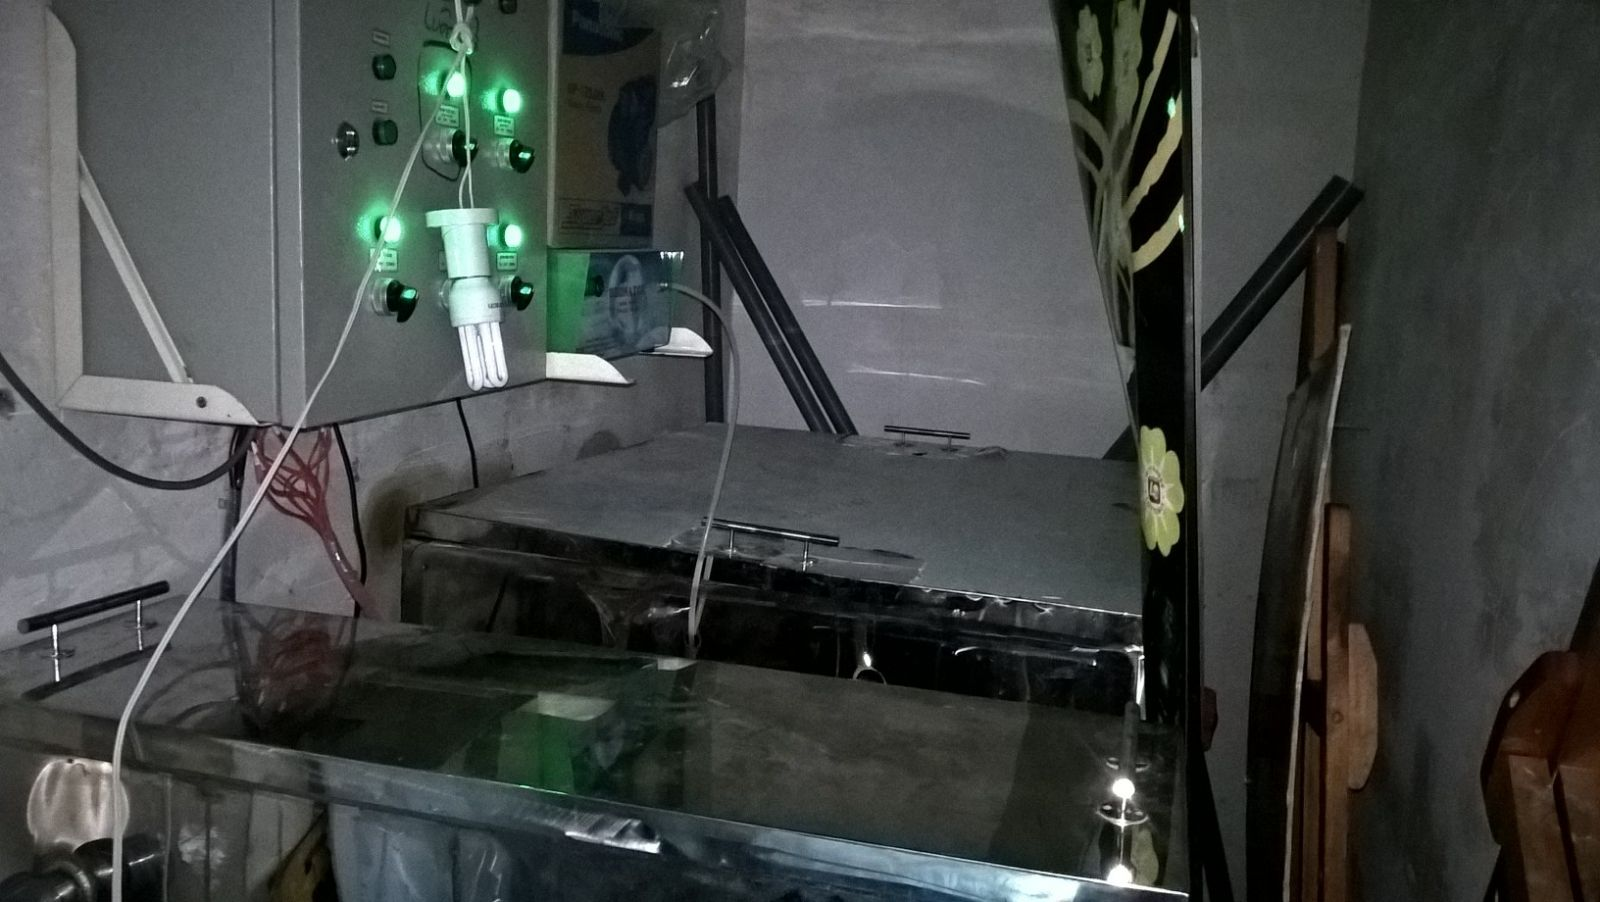 Modul xử lý nước thải nhỏ gọn dành cho phòng khám, nhà hàng, cơ sở sản xuất nhỏ